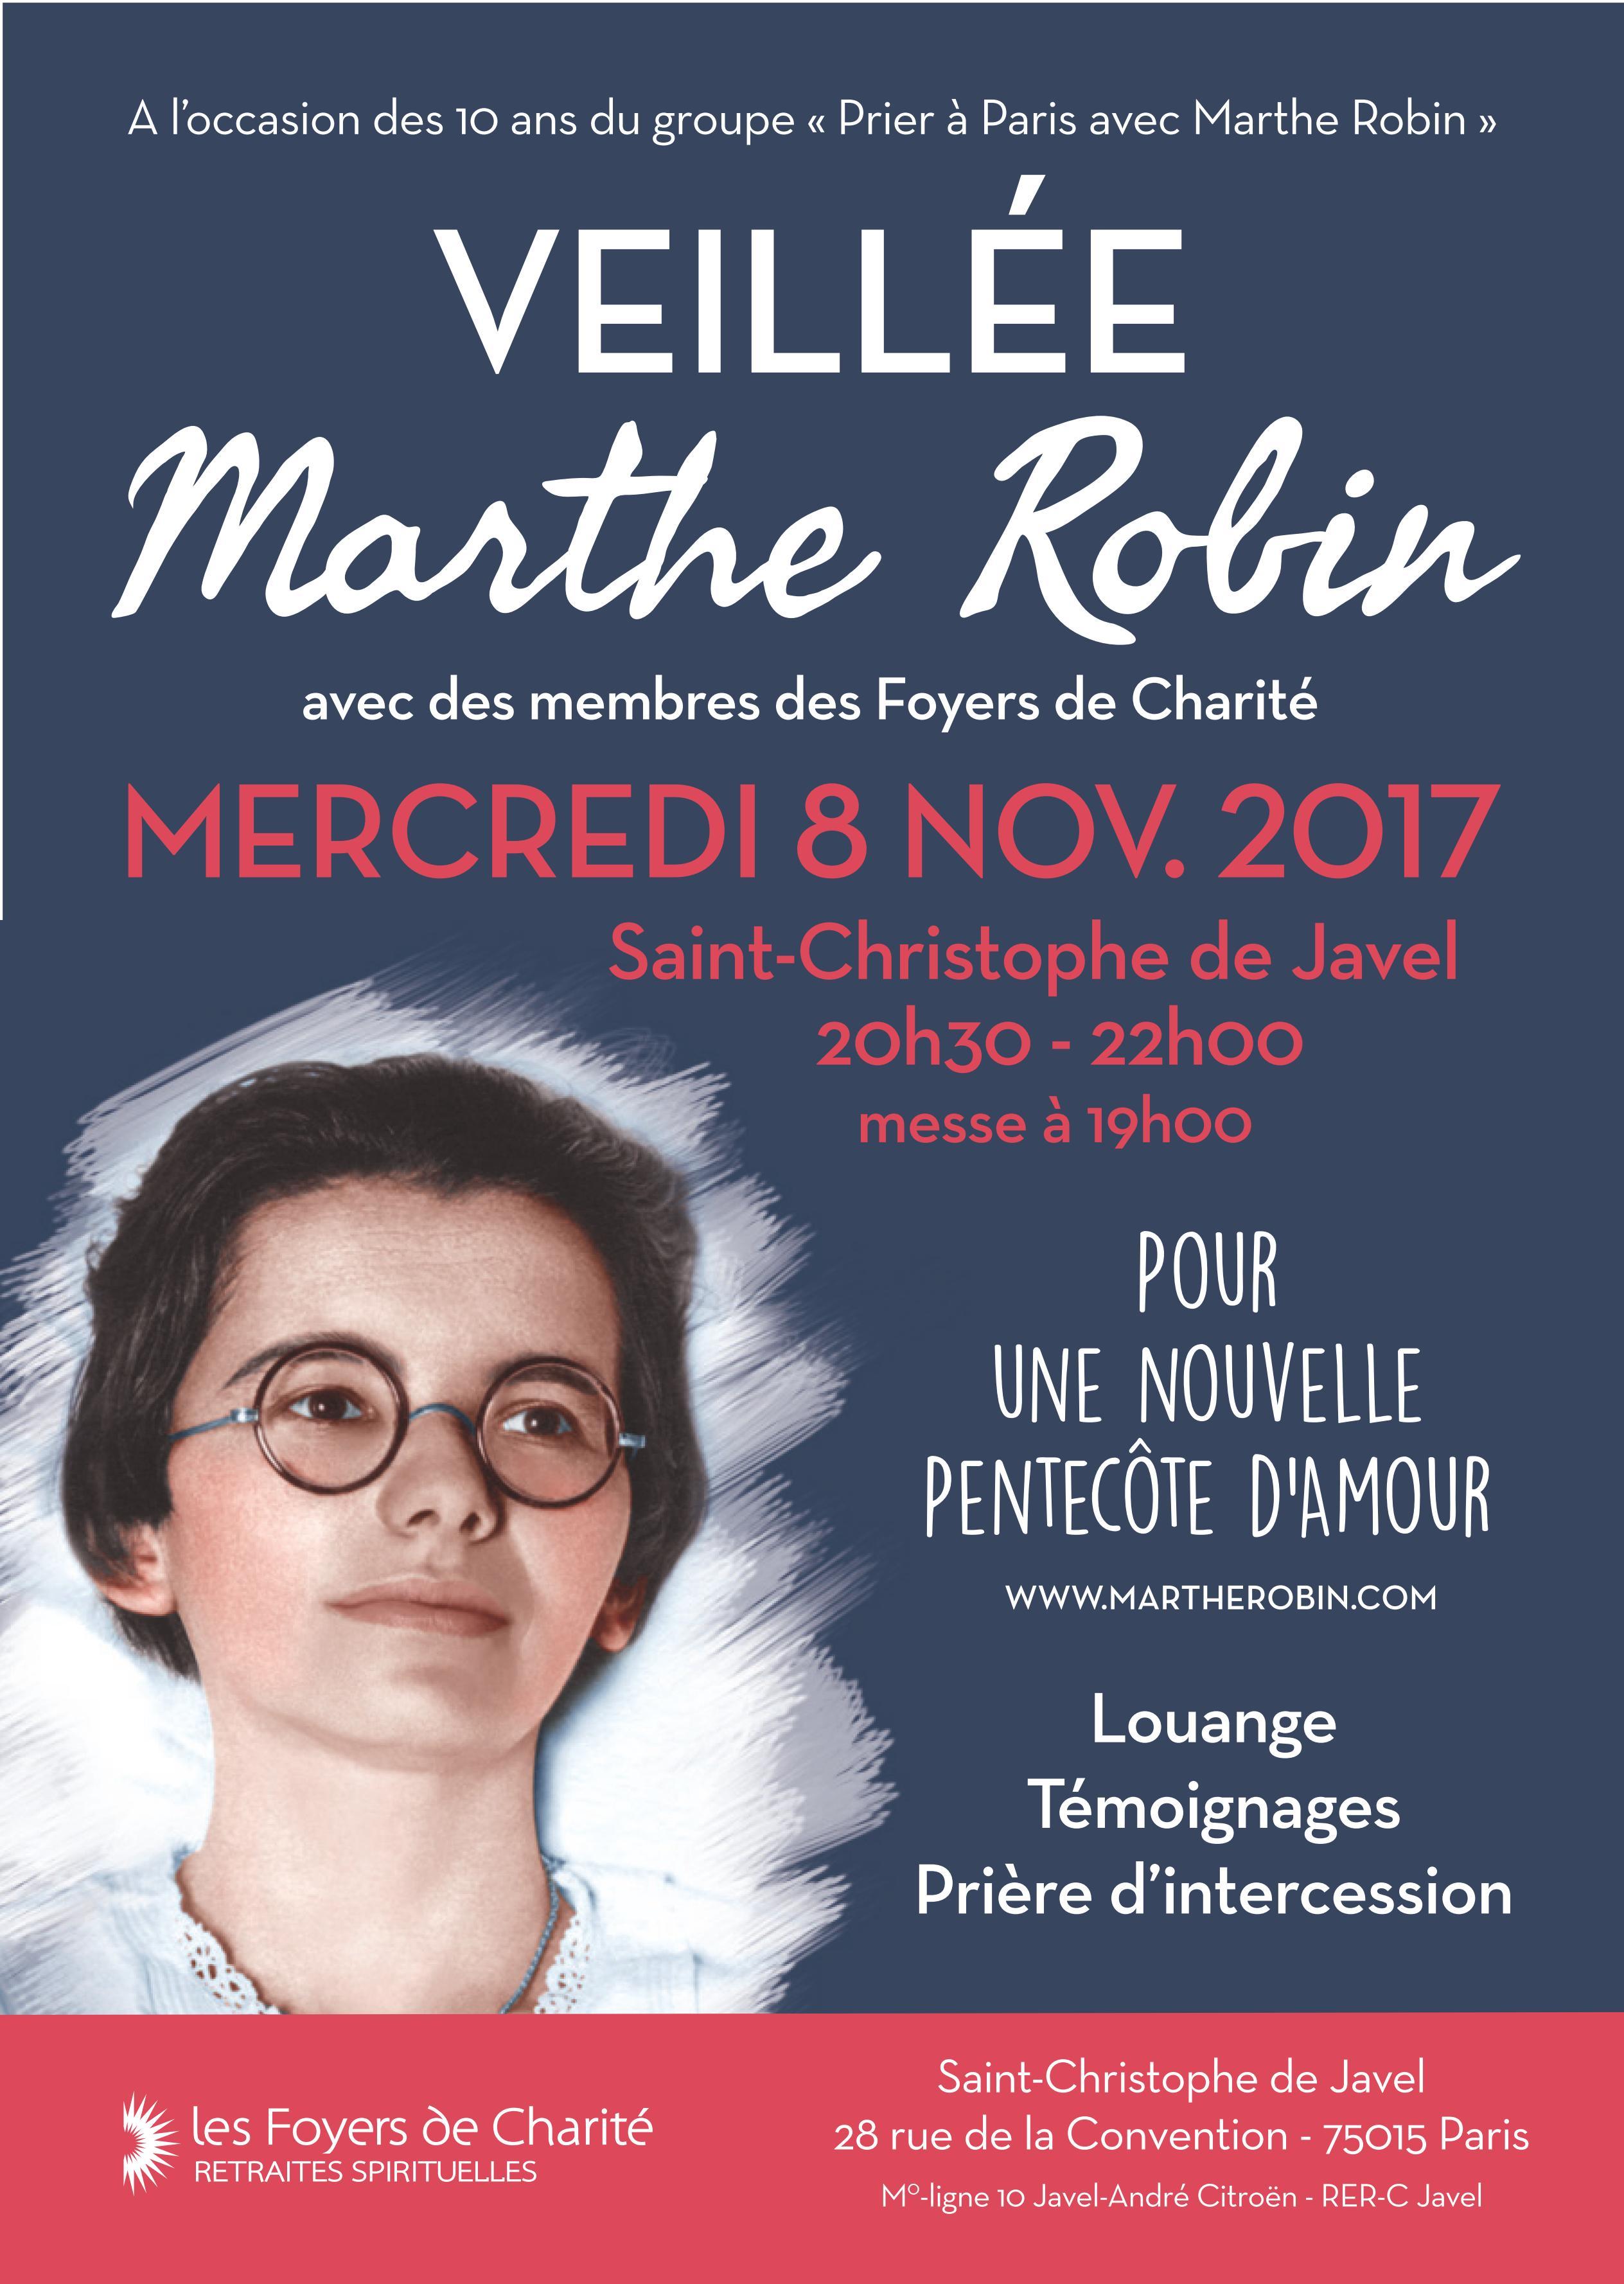 Veillée Marthe Robin à Paris :